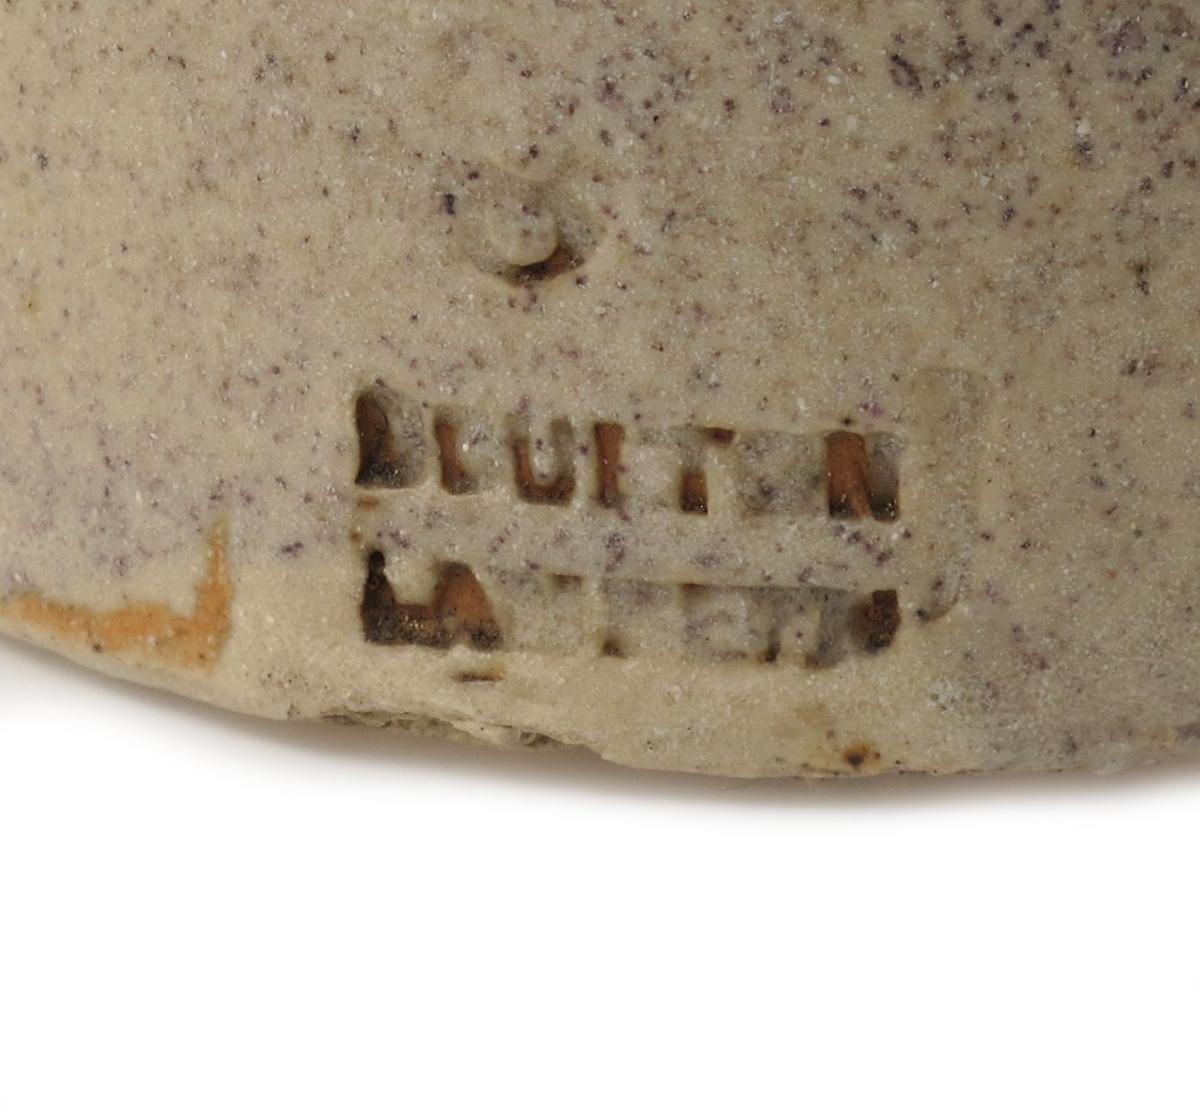 Medisin- eller geneverkrukke (gin),  firmastemplet under:   Boulton Lambeth.  (= pottemakeriet.) Lyst grått saltglassert  stentøy. Rette sider, buet skuldre/hals,  munningsbrem med kork i.